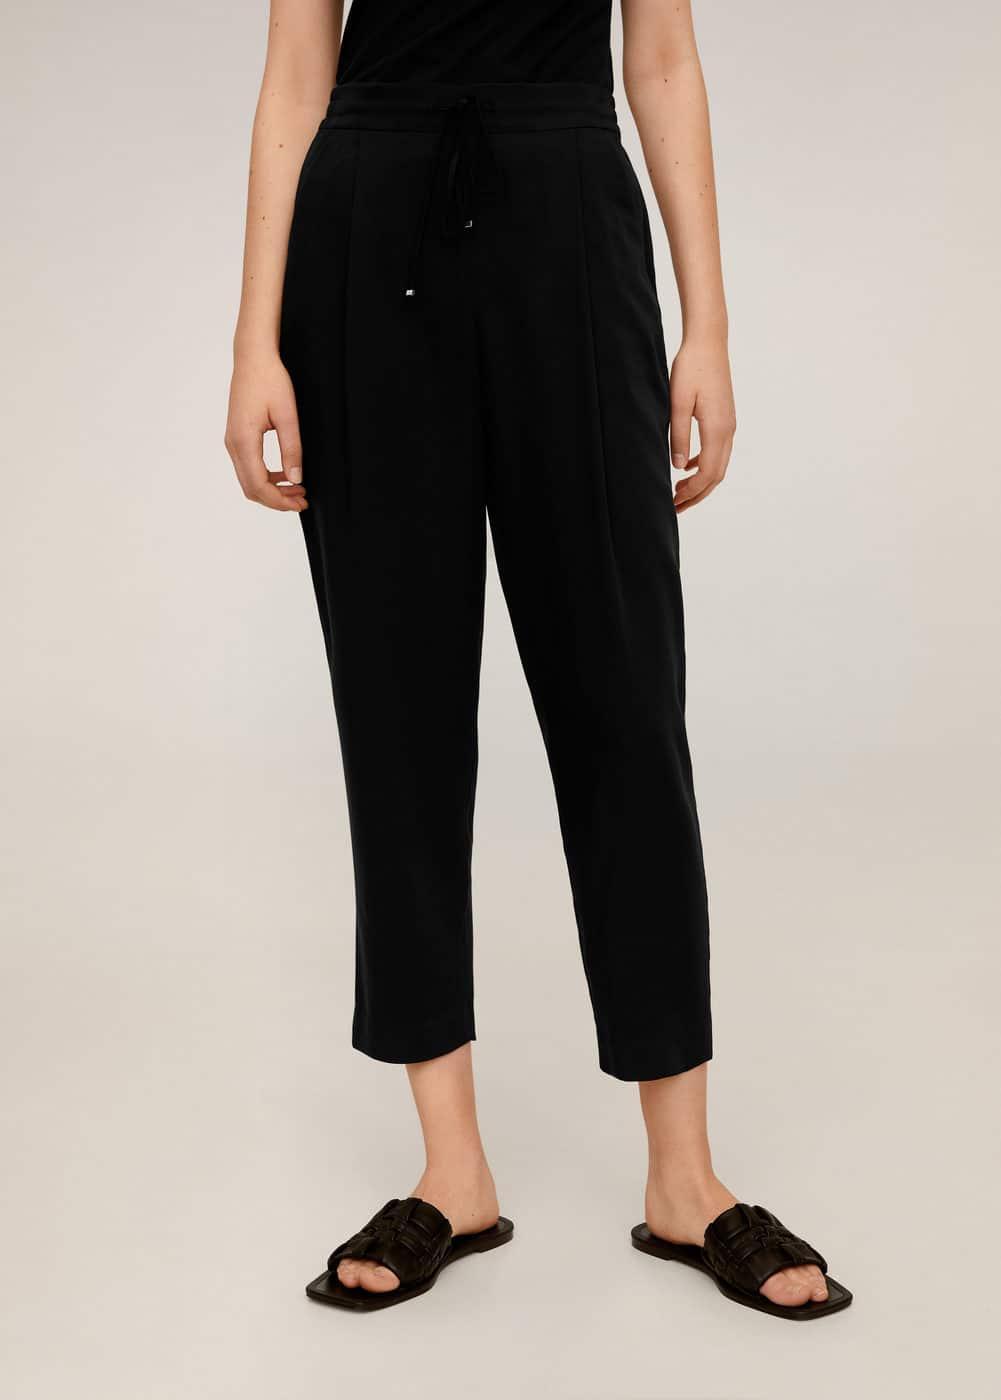 m-fluido:pantalon traje cordones